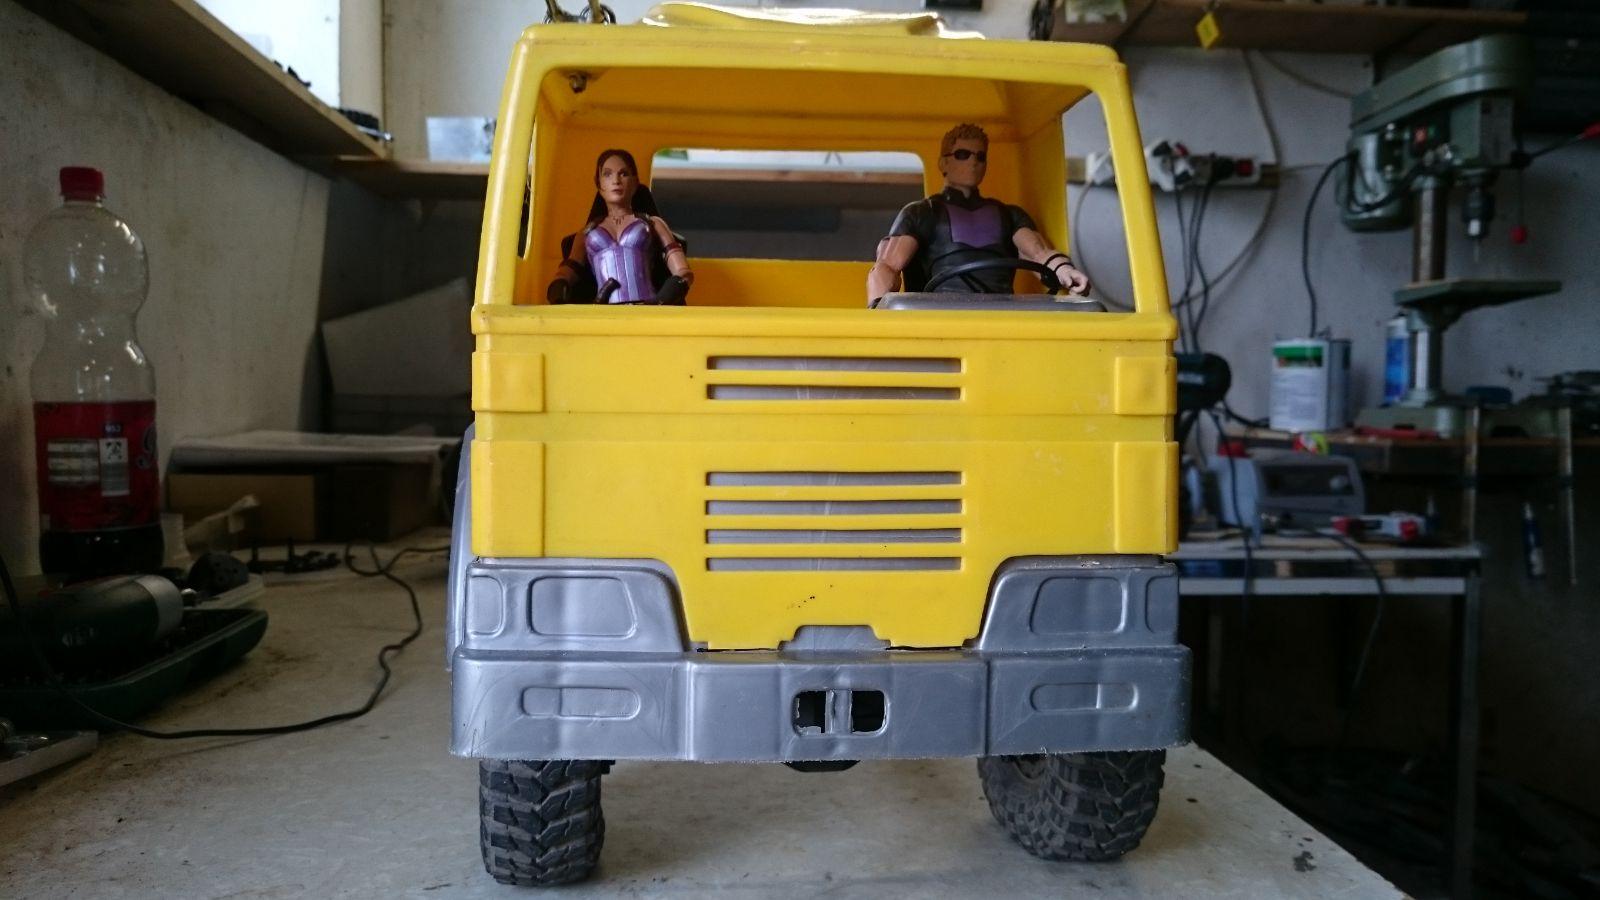 6x6 LKW Projekt - mein erster Eigenbau - Mehrachser & Offroad LKW ...